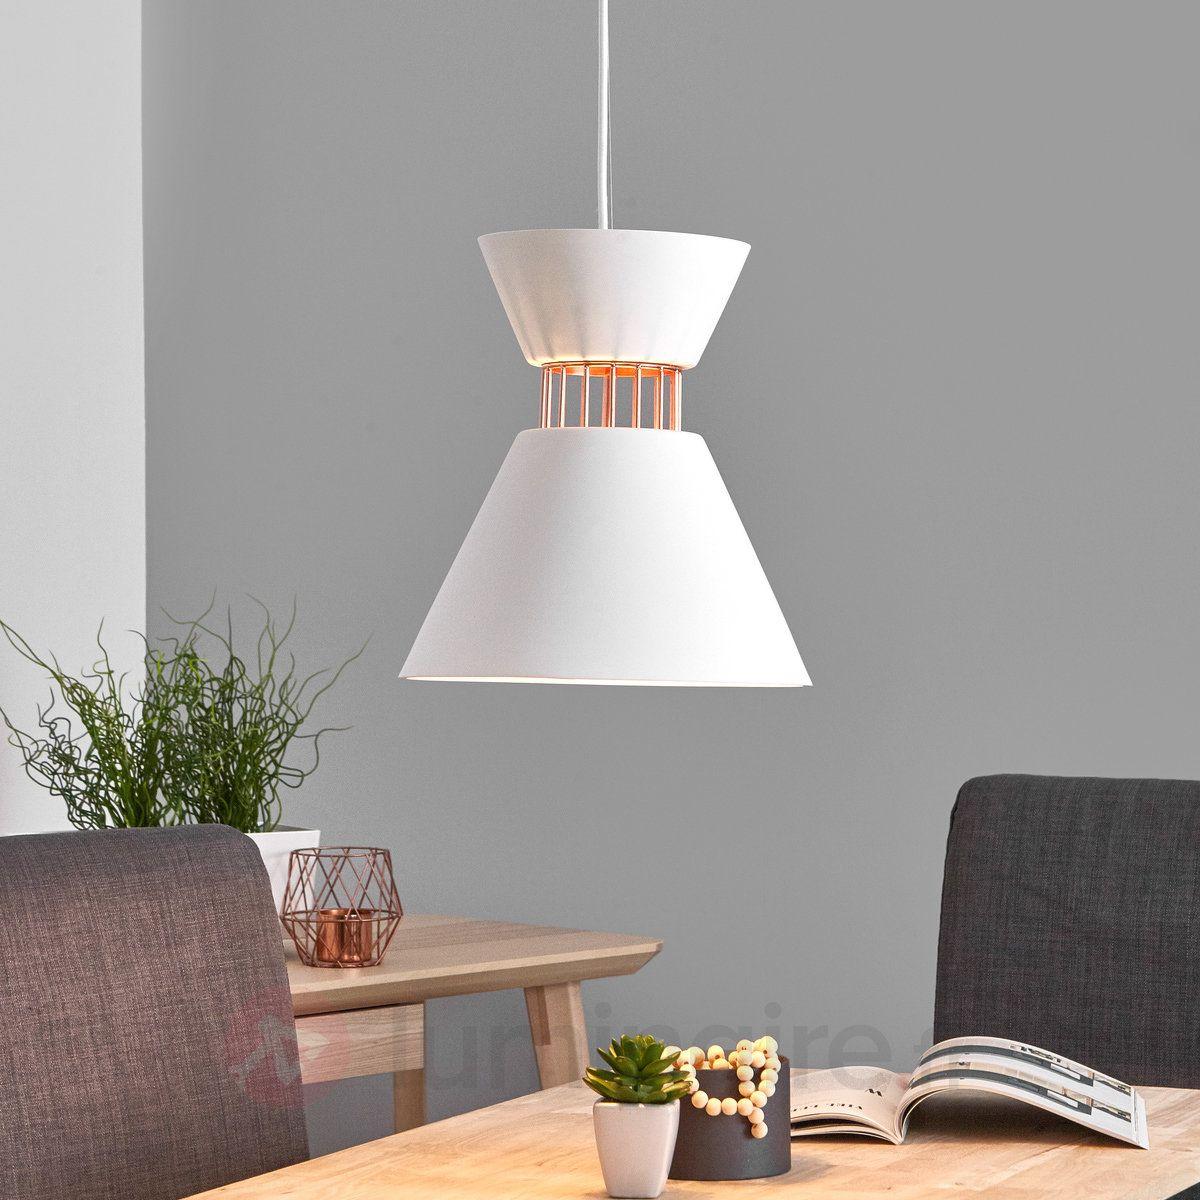 À Lampe MorinaLampes Moderne Plâtre Suspension En nwOX0k8P